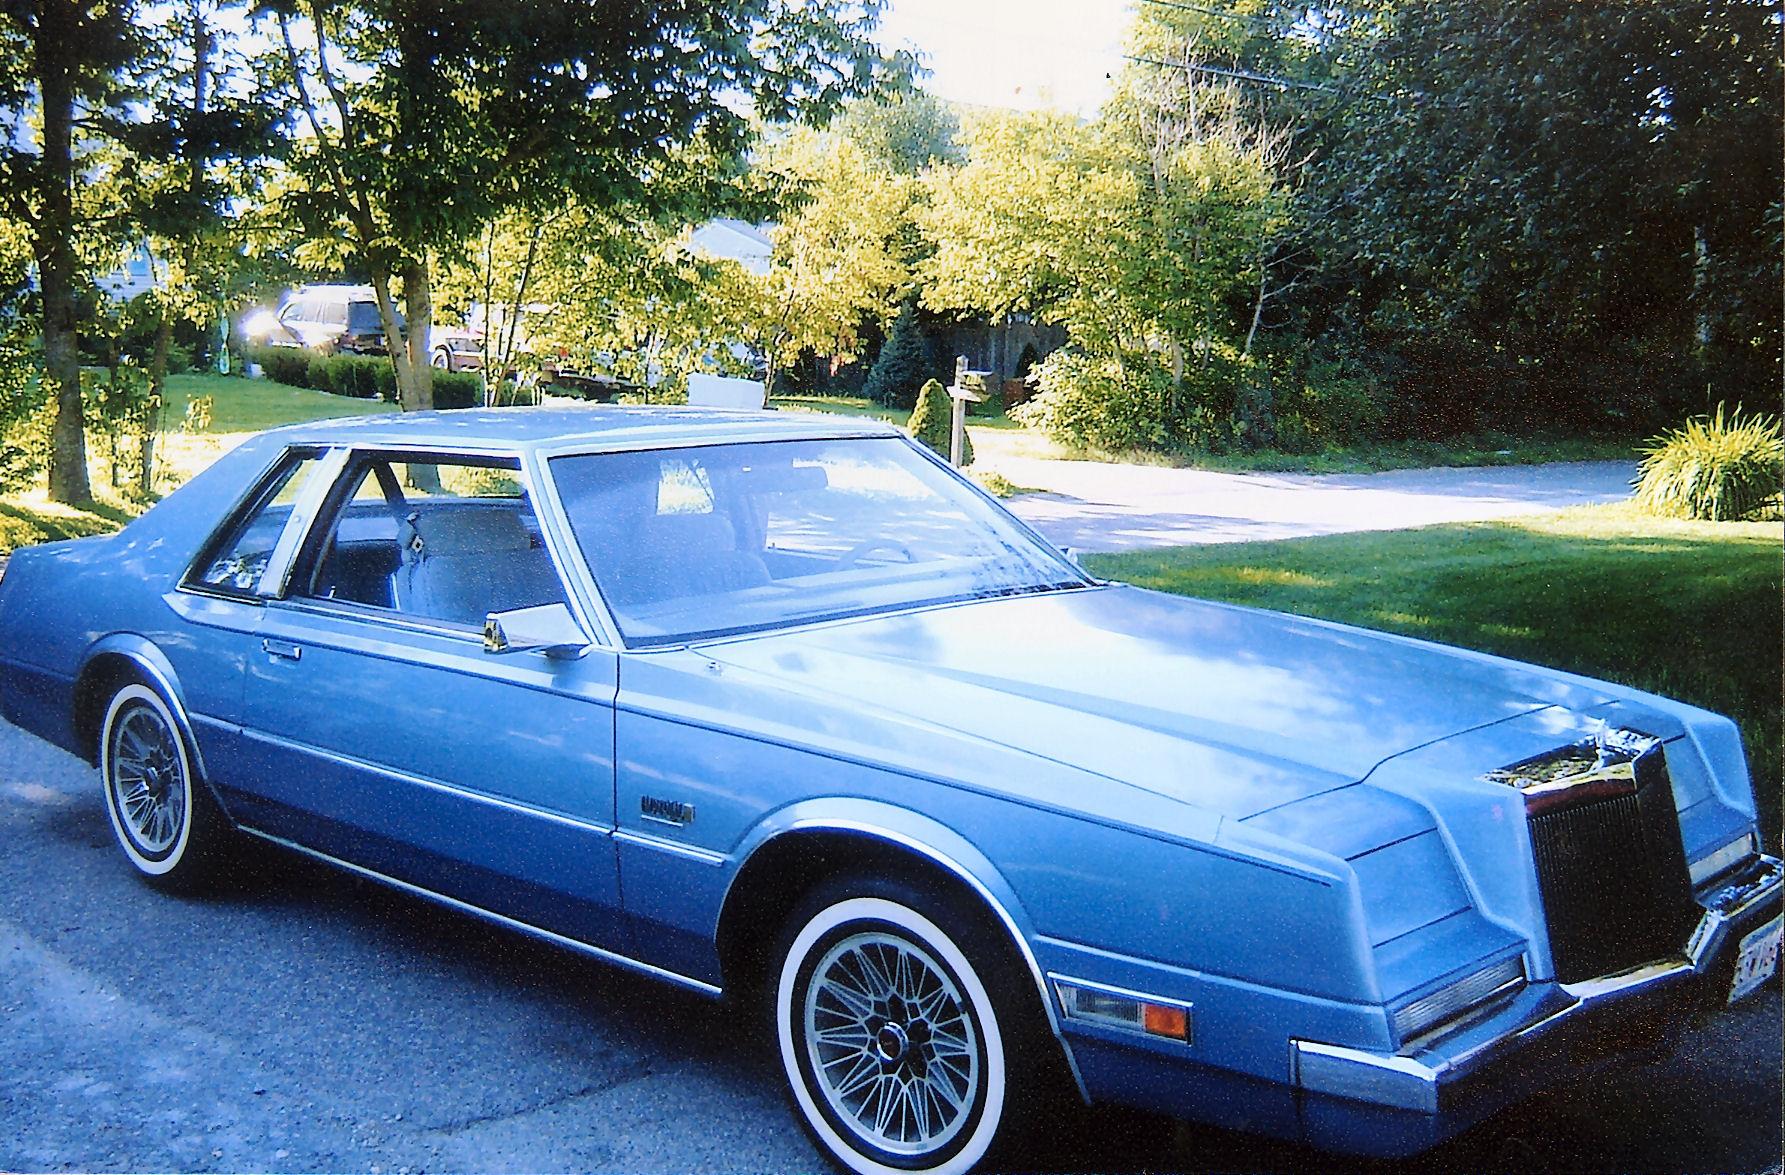 Mopar Cars - Chrysler Imperial